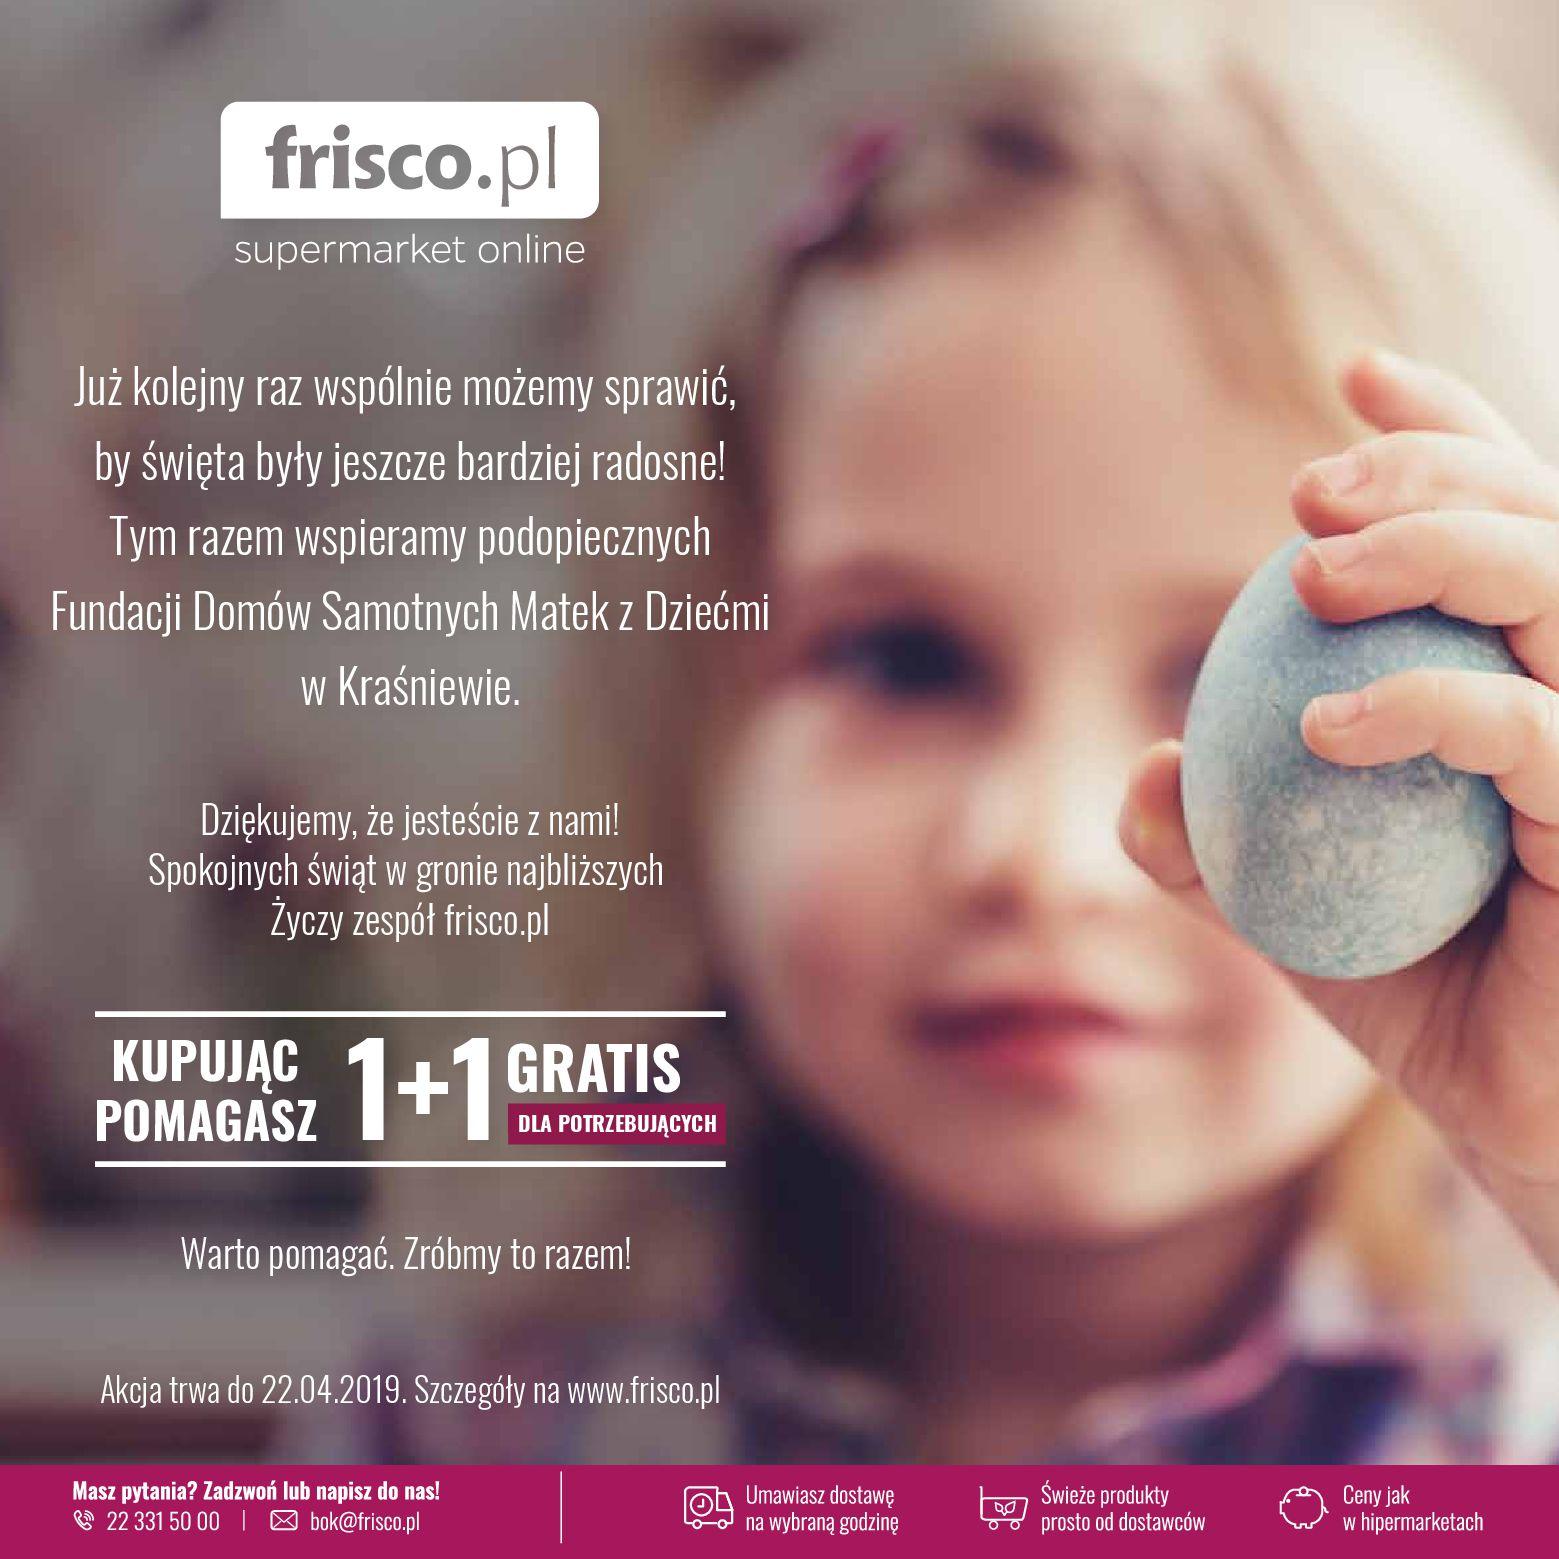 Gazetka Frisco - Jeden klik do niskich cen!-09.04.2019-22.04.2019-page-